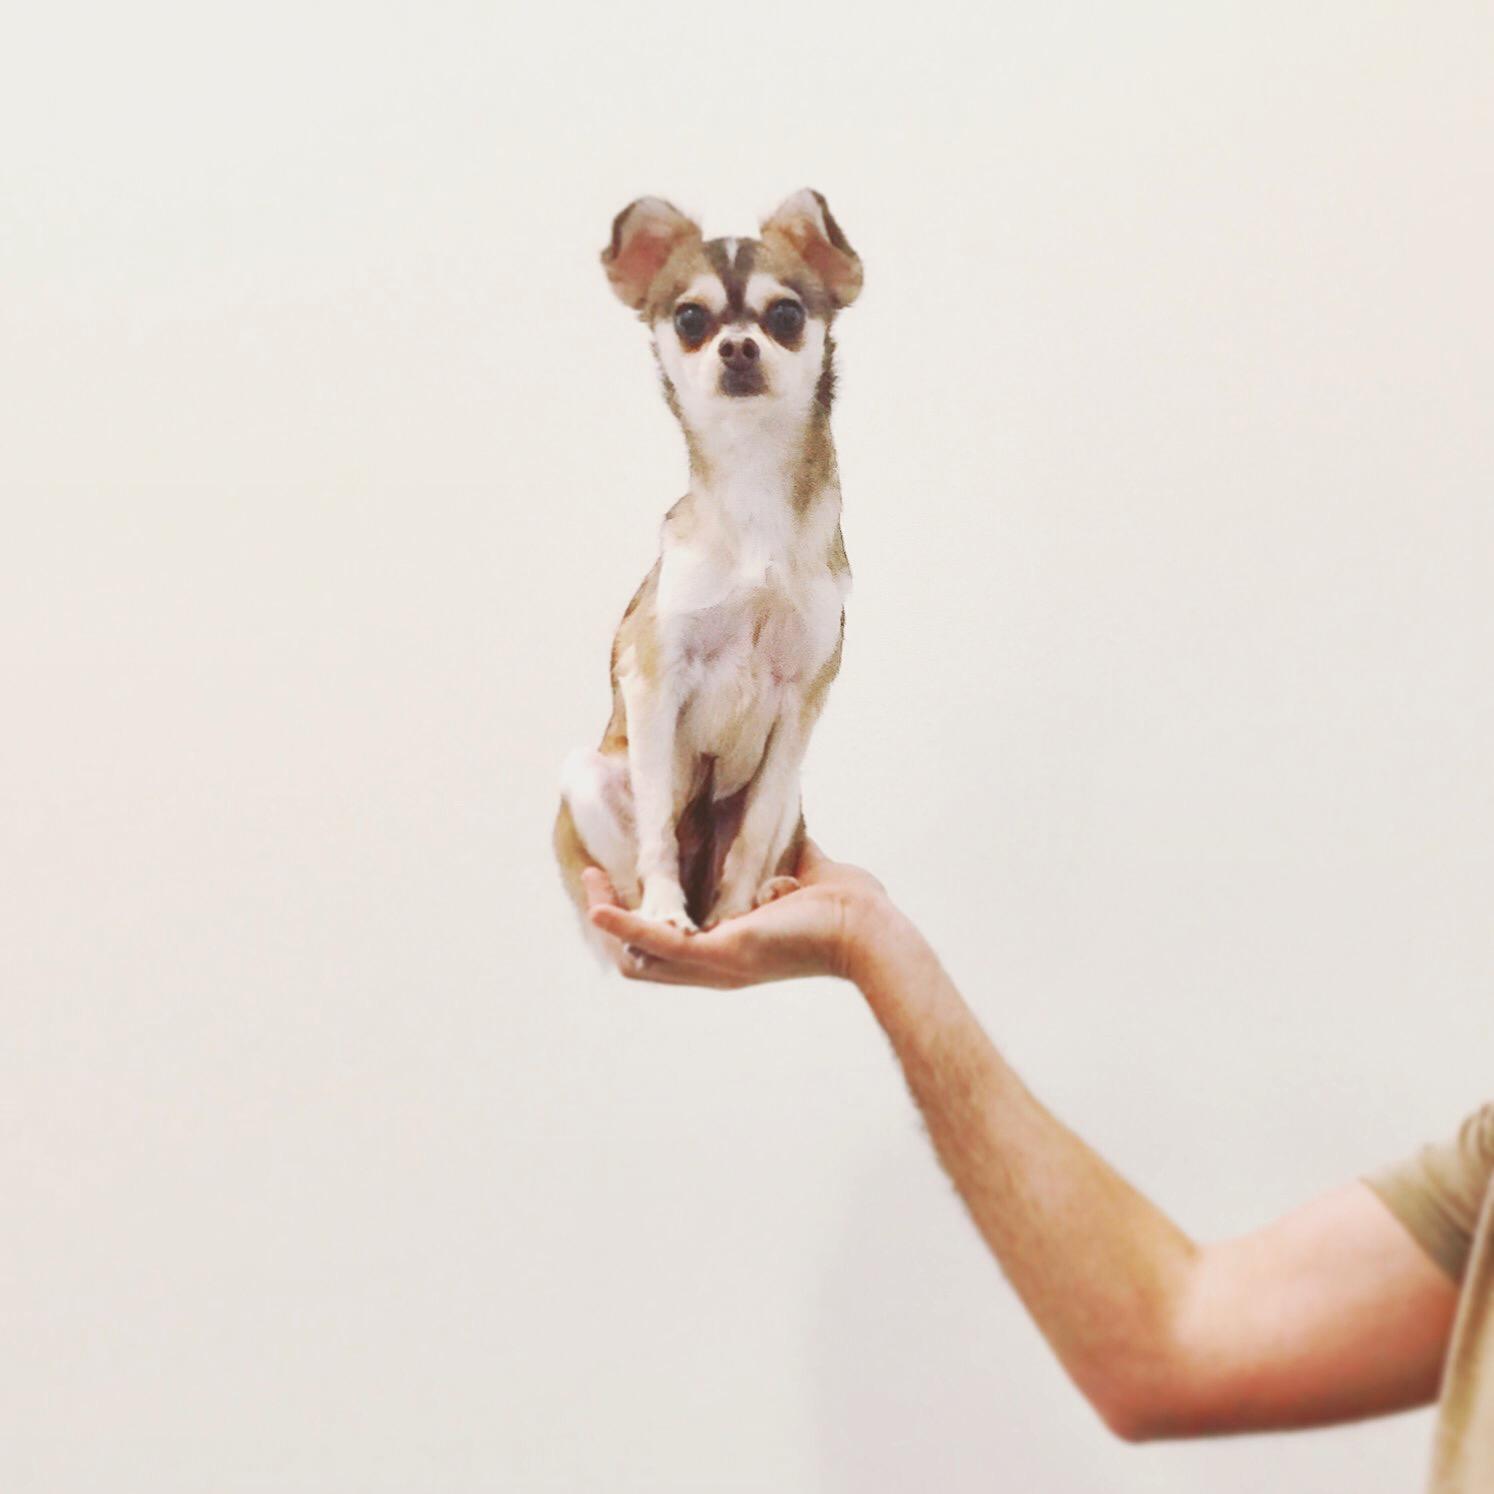 Showcasing my dog Koi.